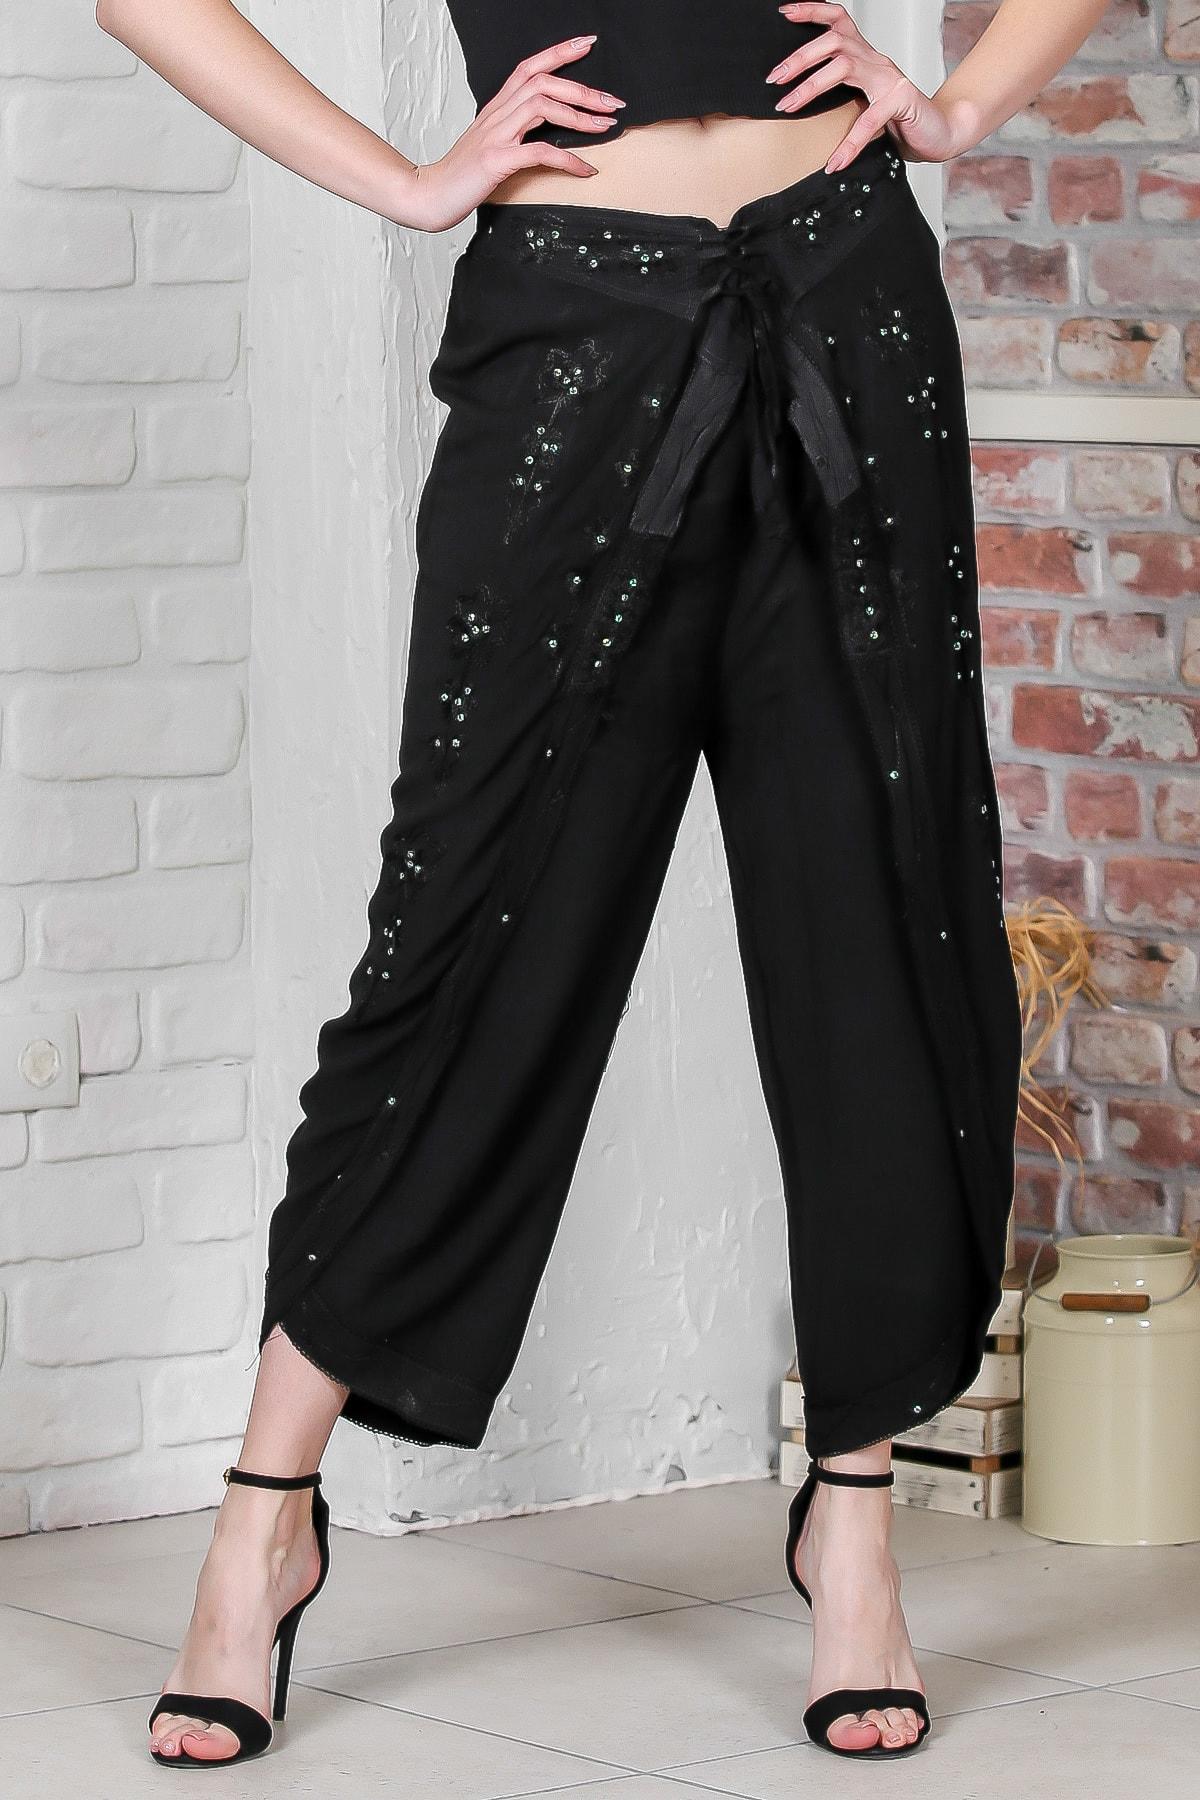 Chiccy Kadın Siyah Zarf Kapaklı Çiçek Nakışlı Taş İşlemeli Dokuma Pantolon M10060000PN98874